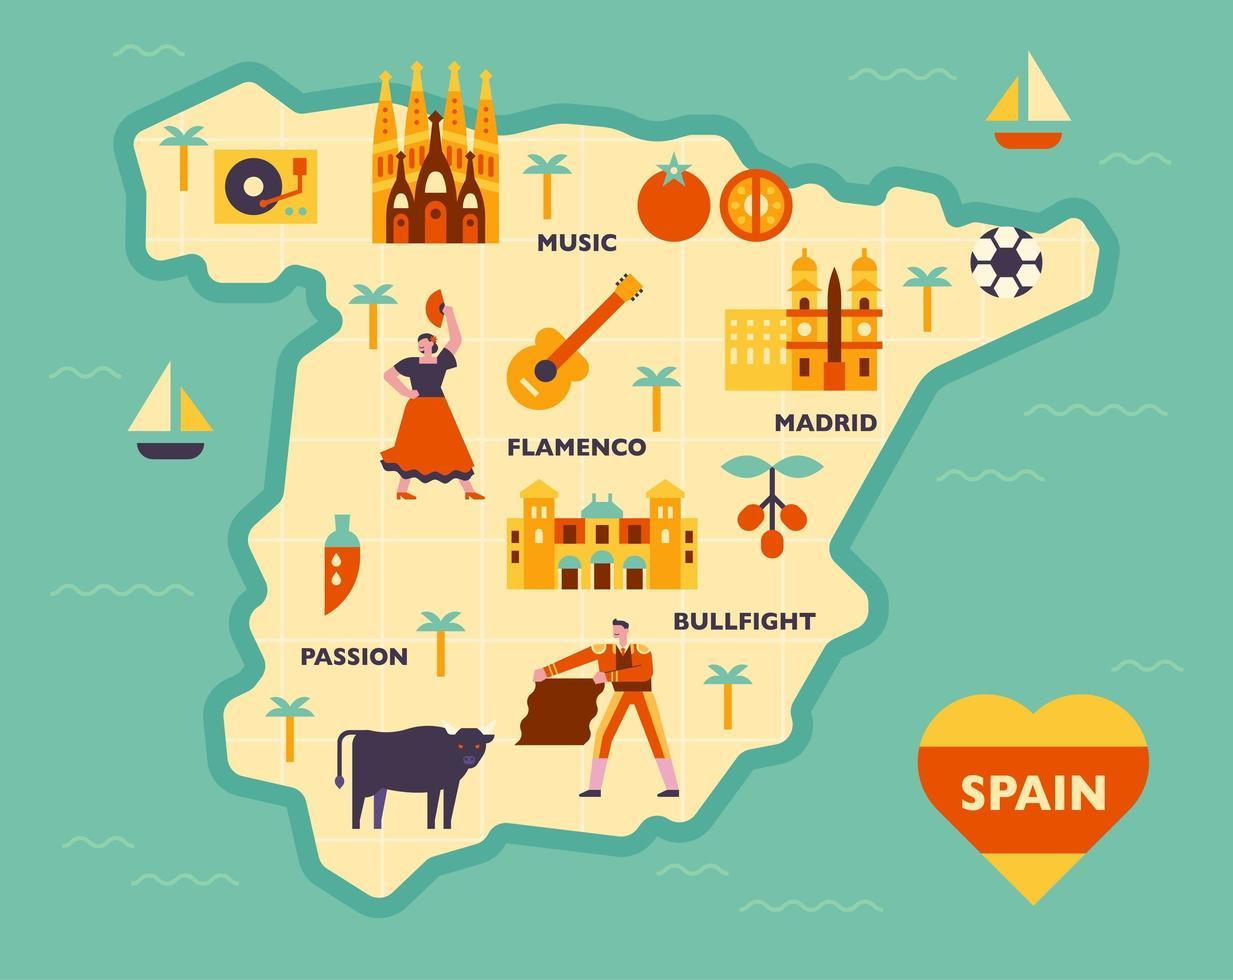 composição de ícones culturais no mapa espanhol. vetor